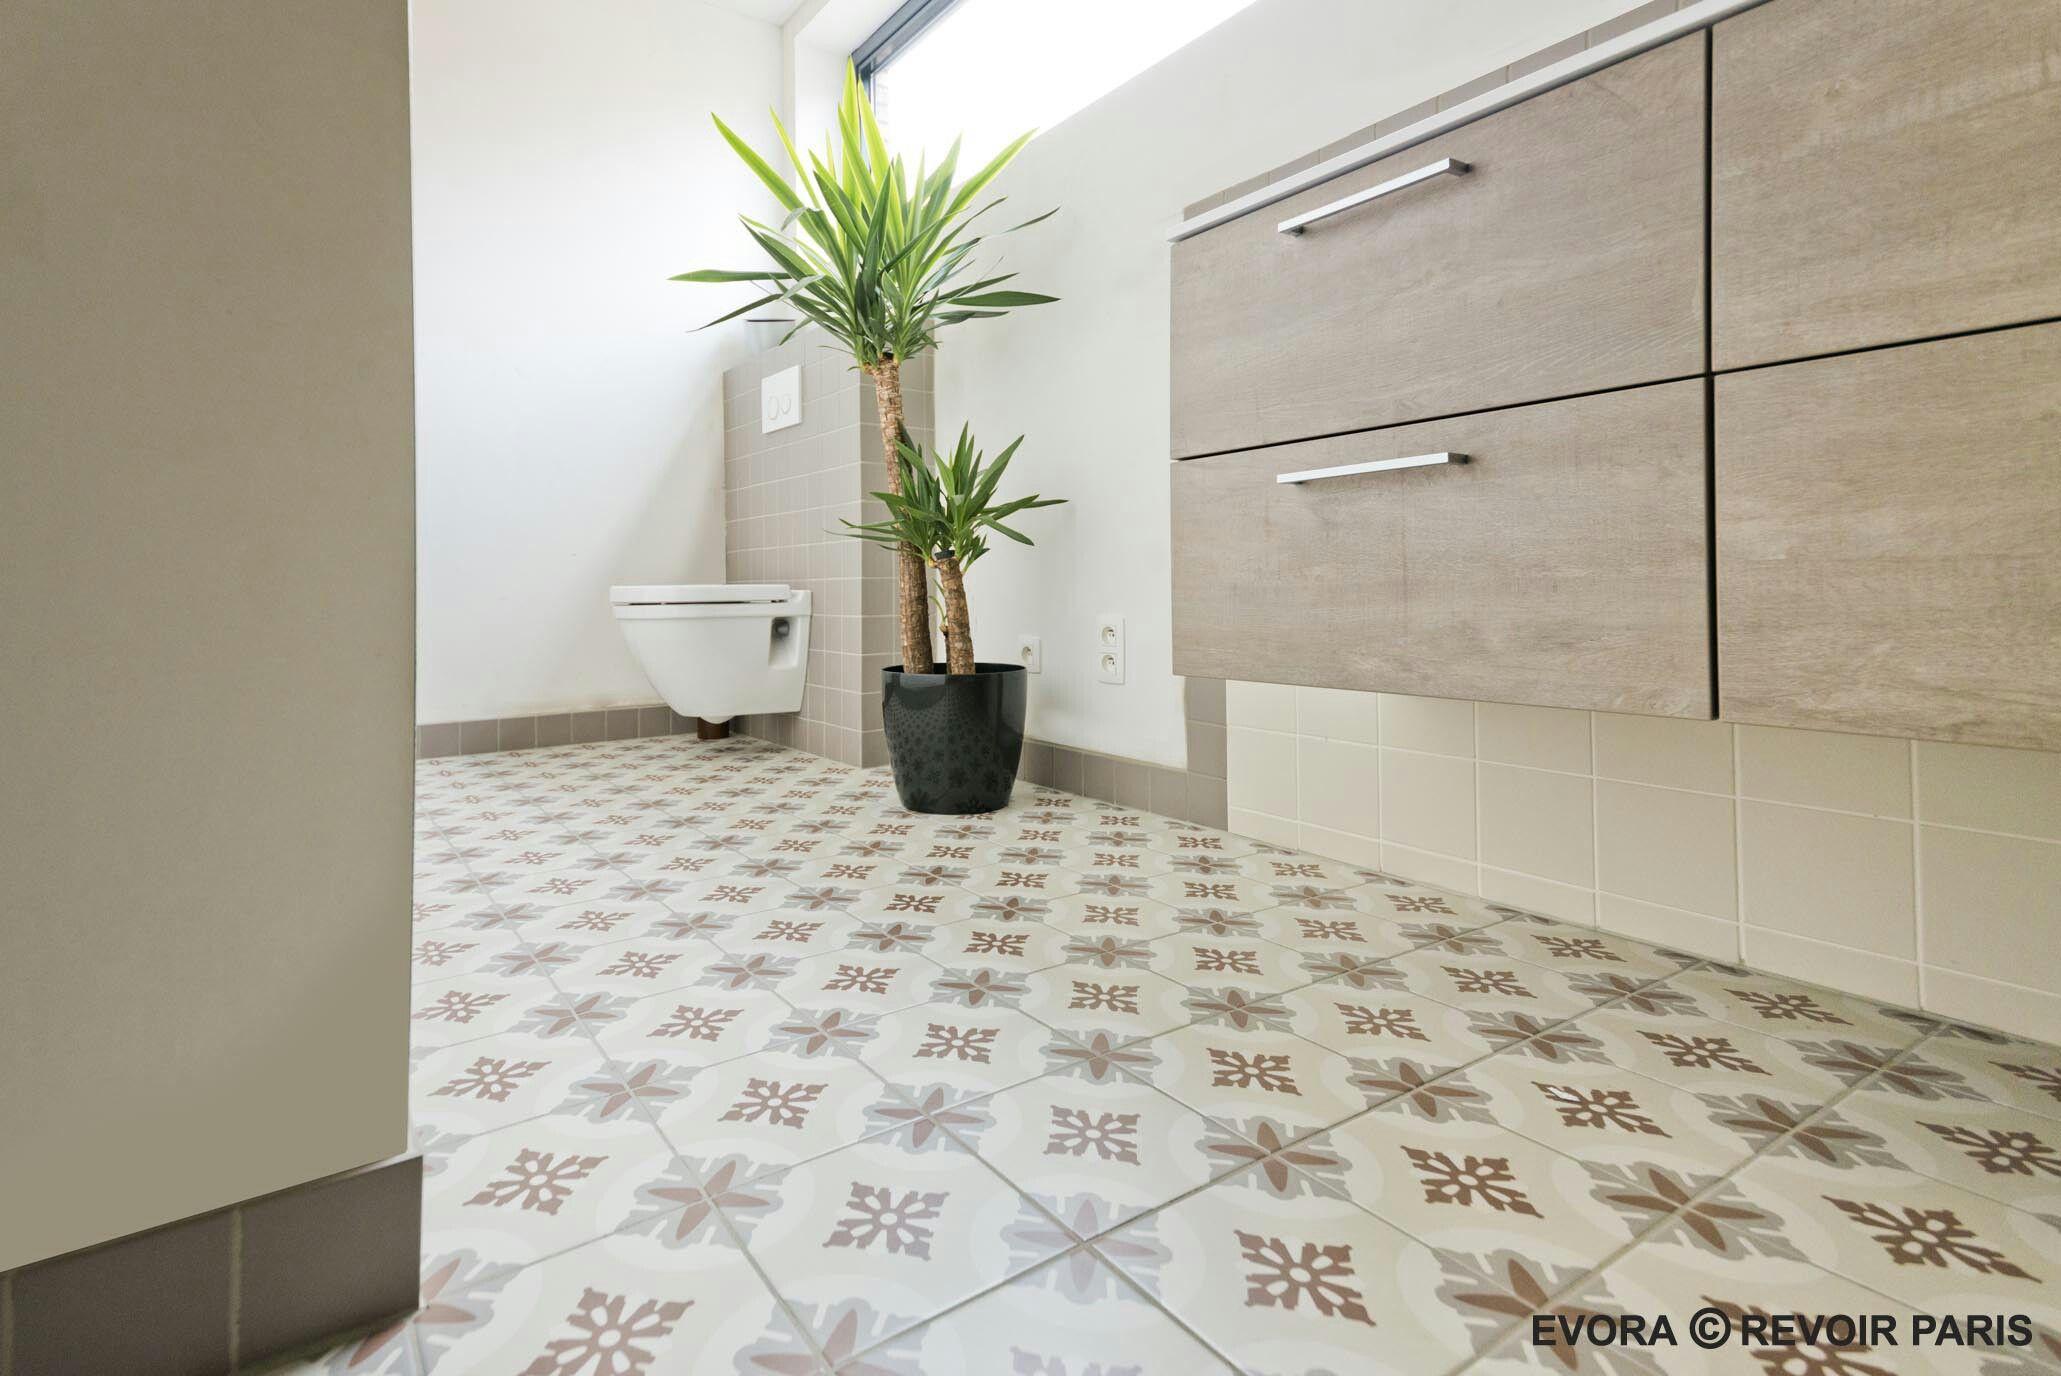 Evora tile by Revoir Paris | REVOIR PARIS TILES | Pinterest